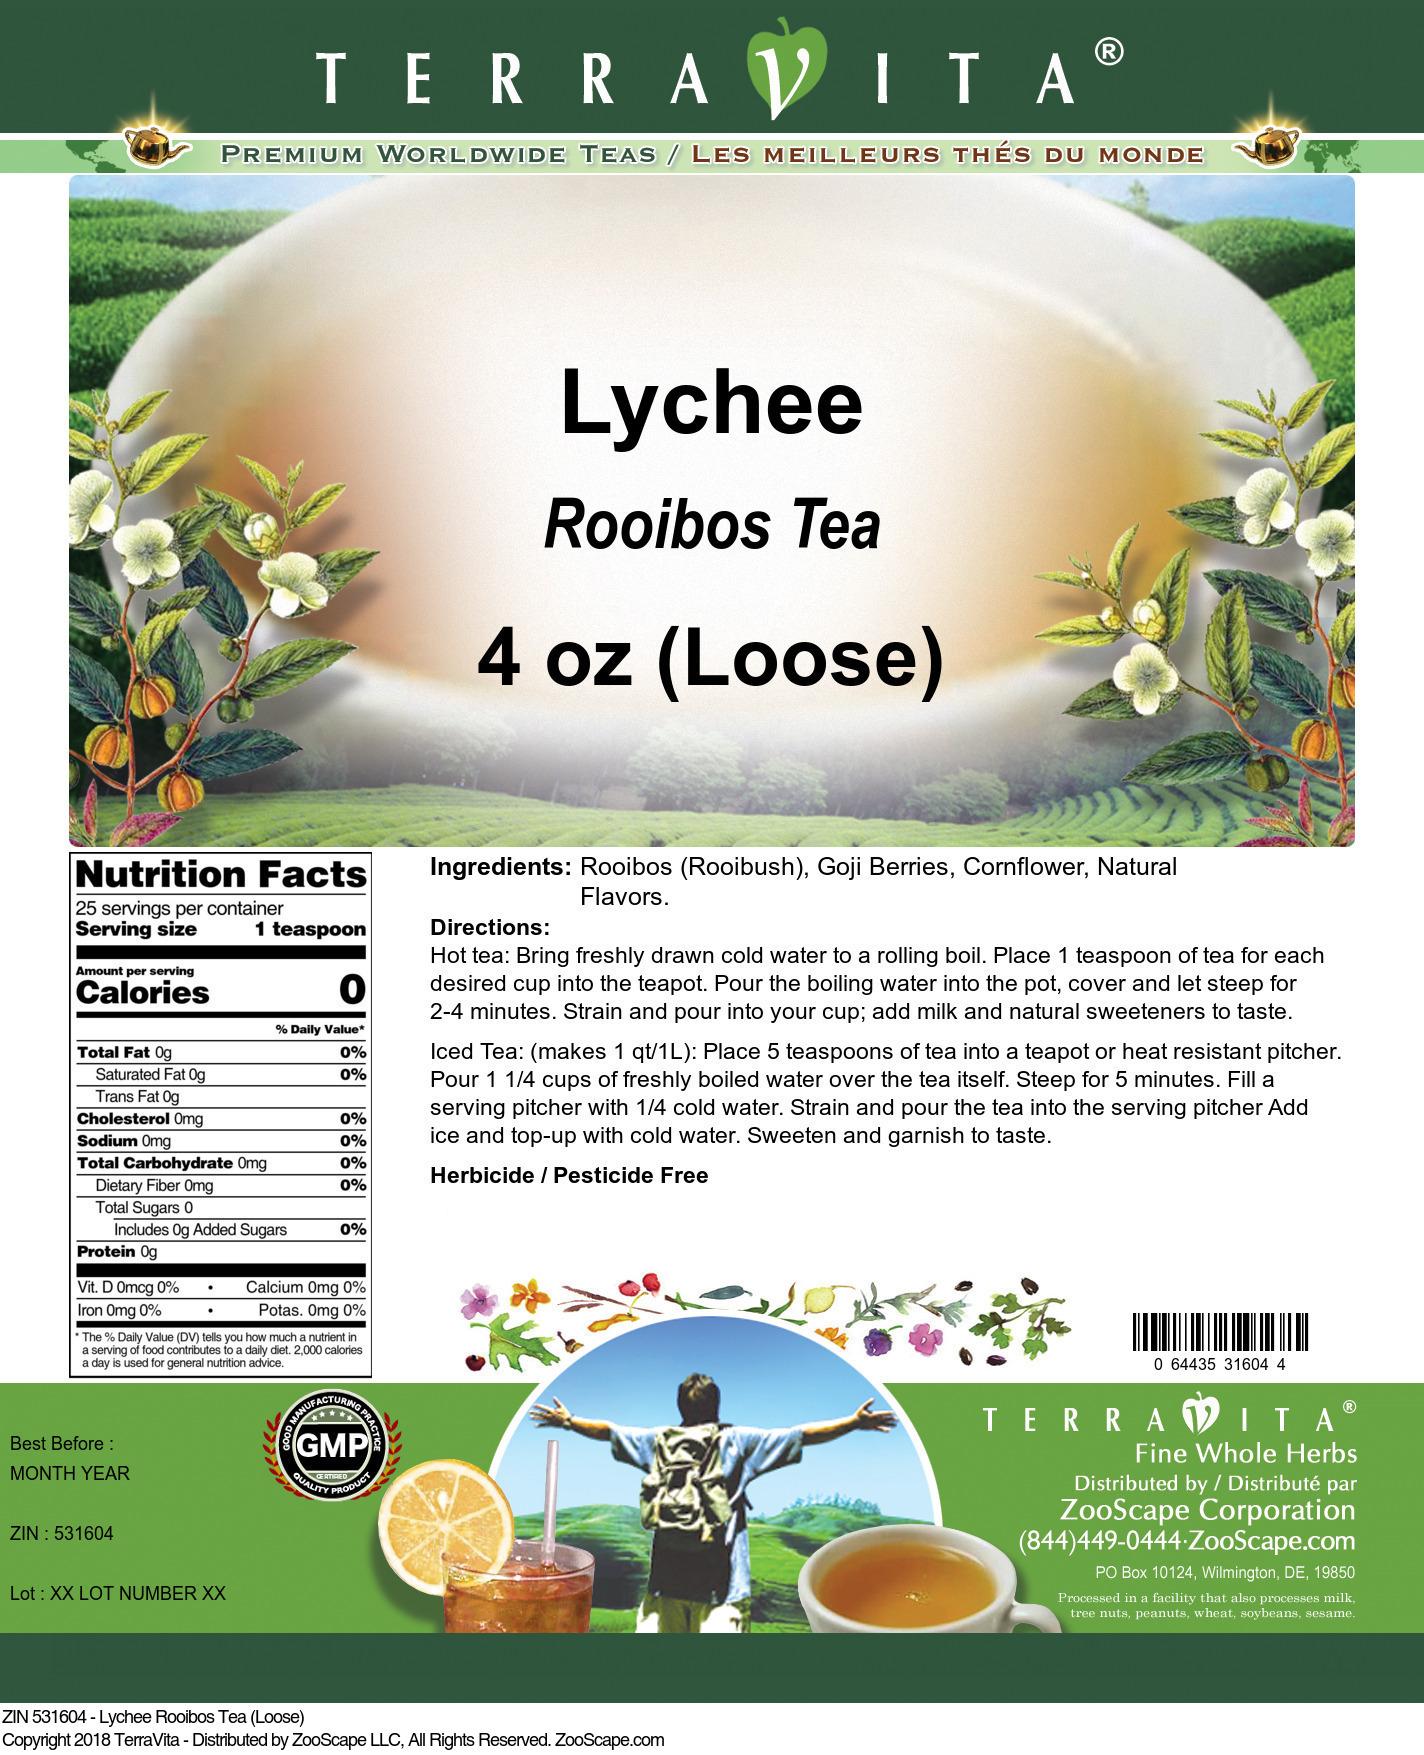 Lychee Rooibos Tea (Loose)